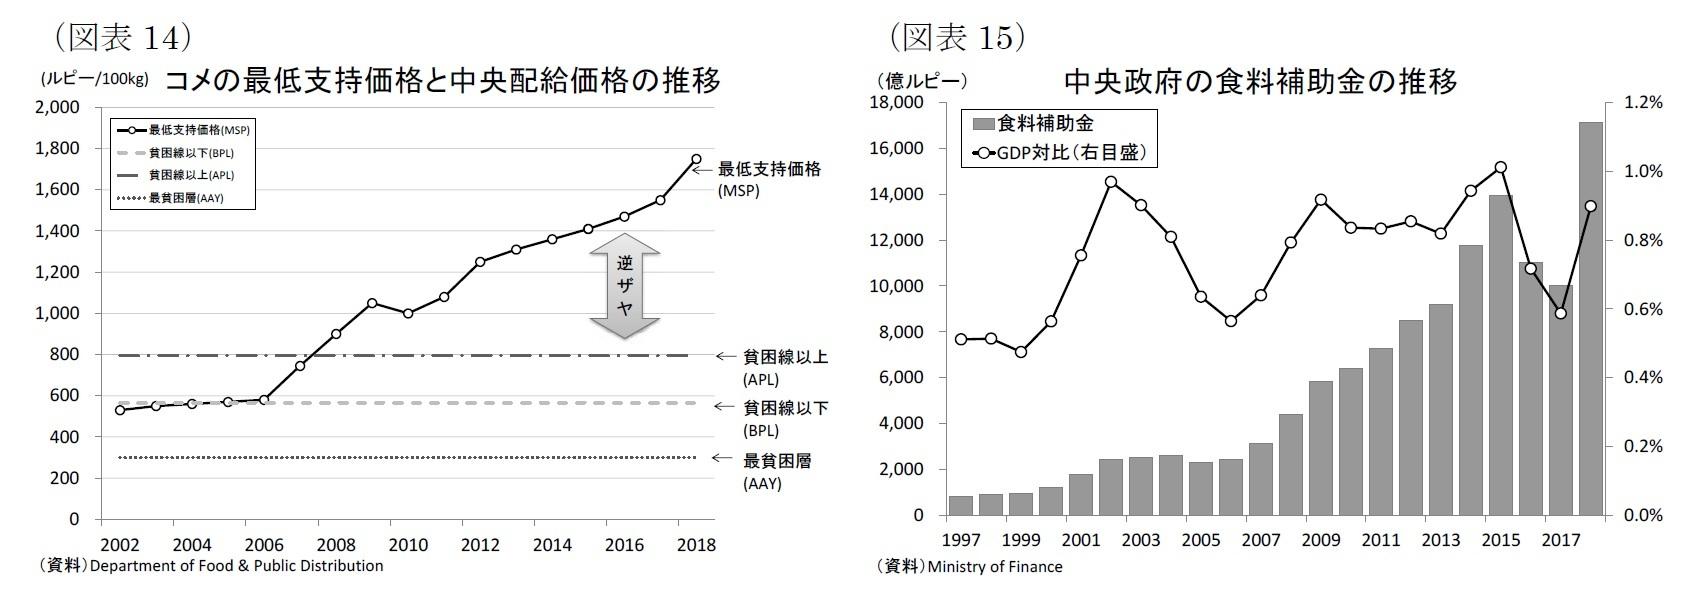 (図表14)コメの最低支持価格と中央配給価格の推移/(図表15)中央政府の食料補助金の推移